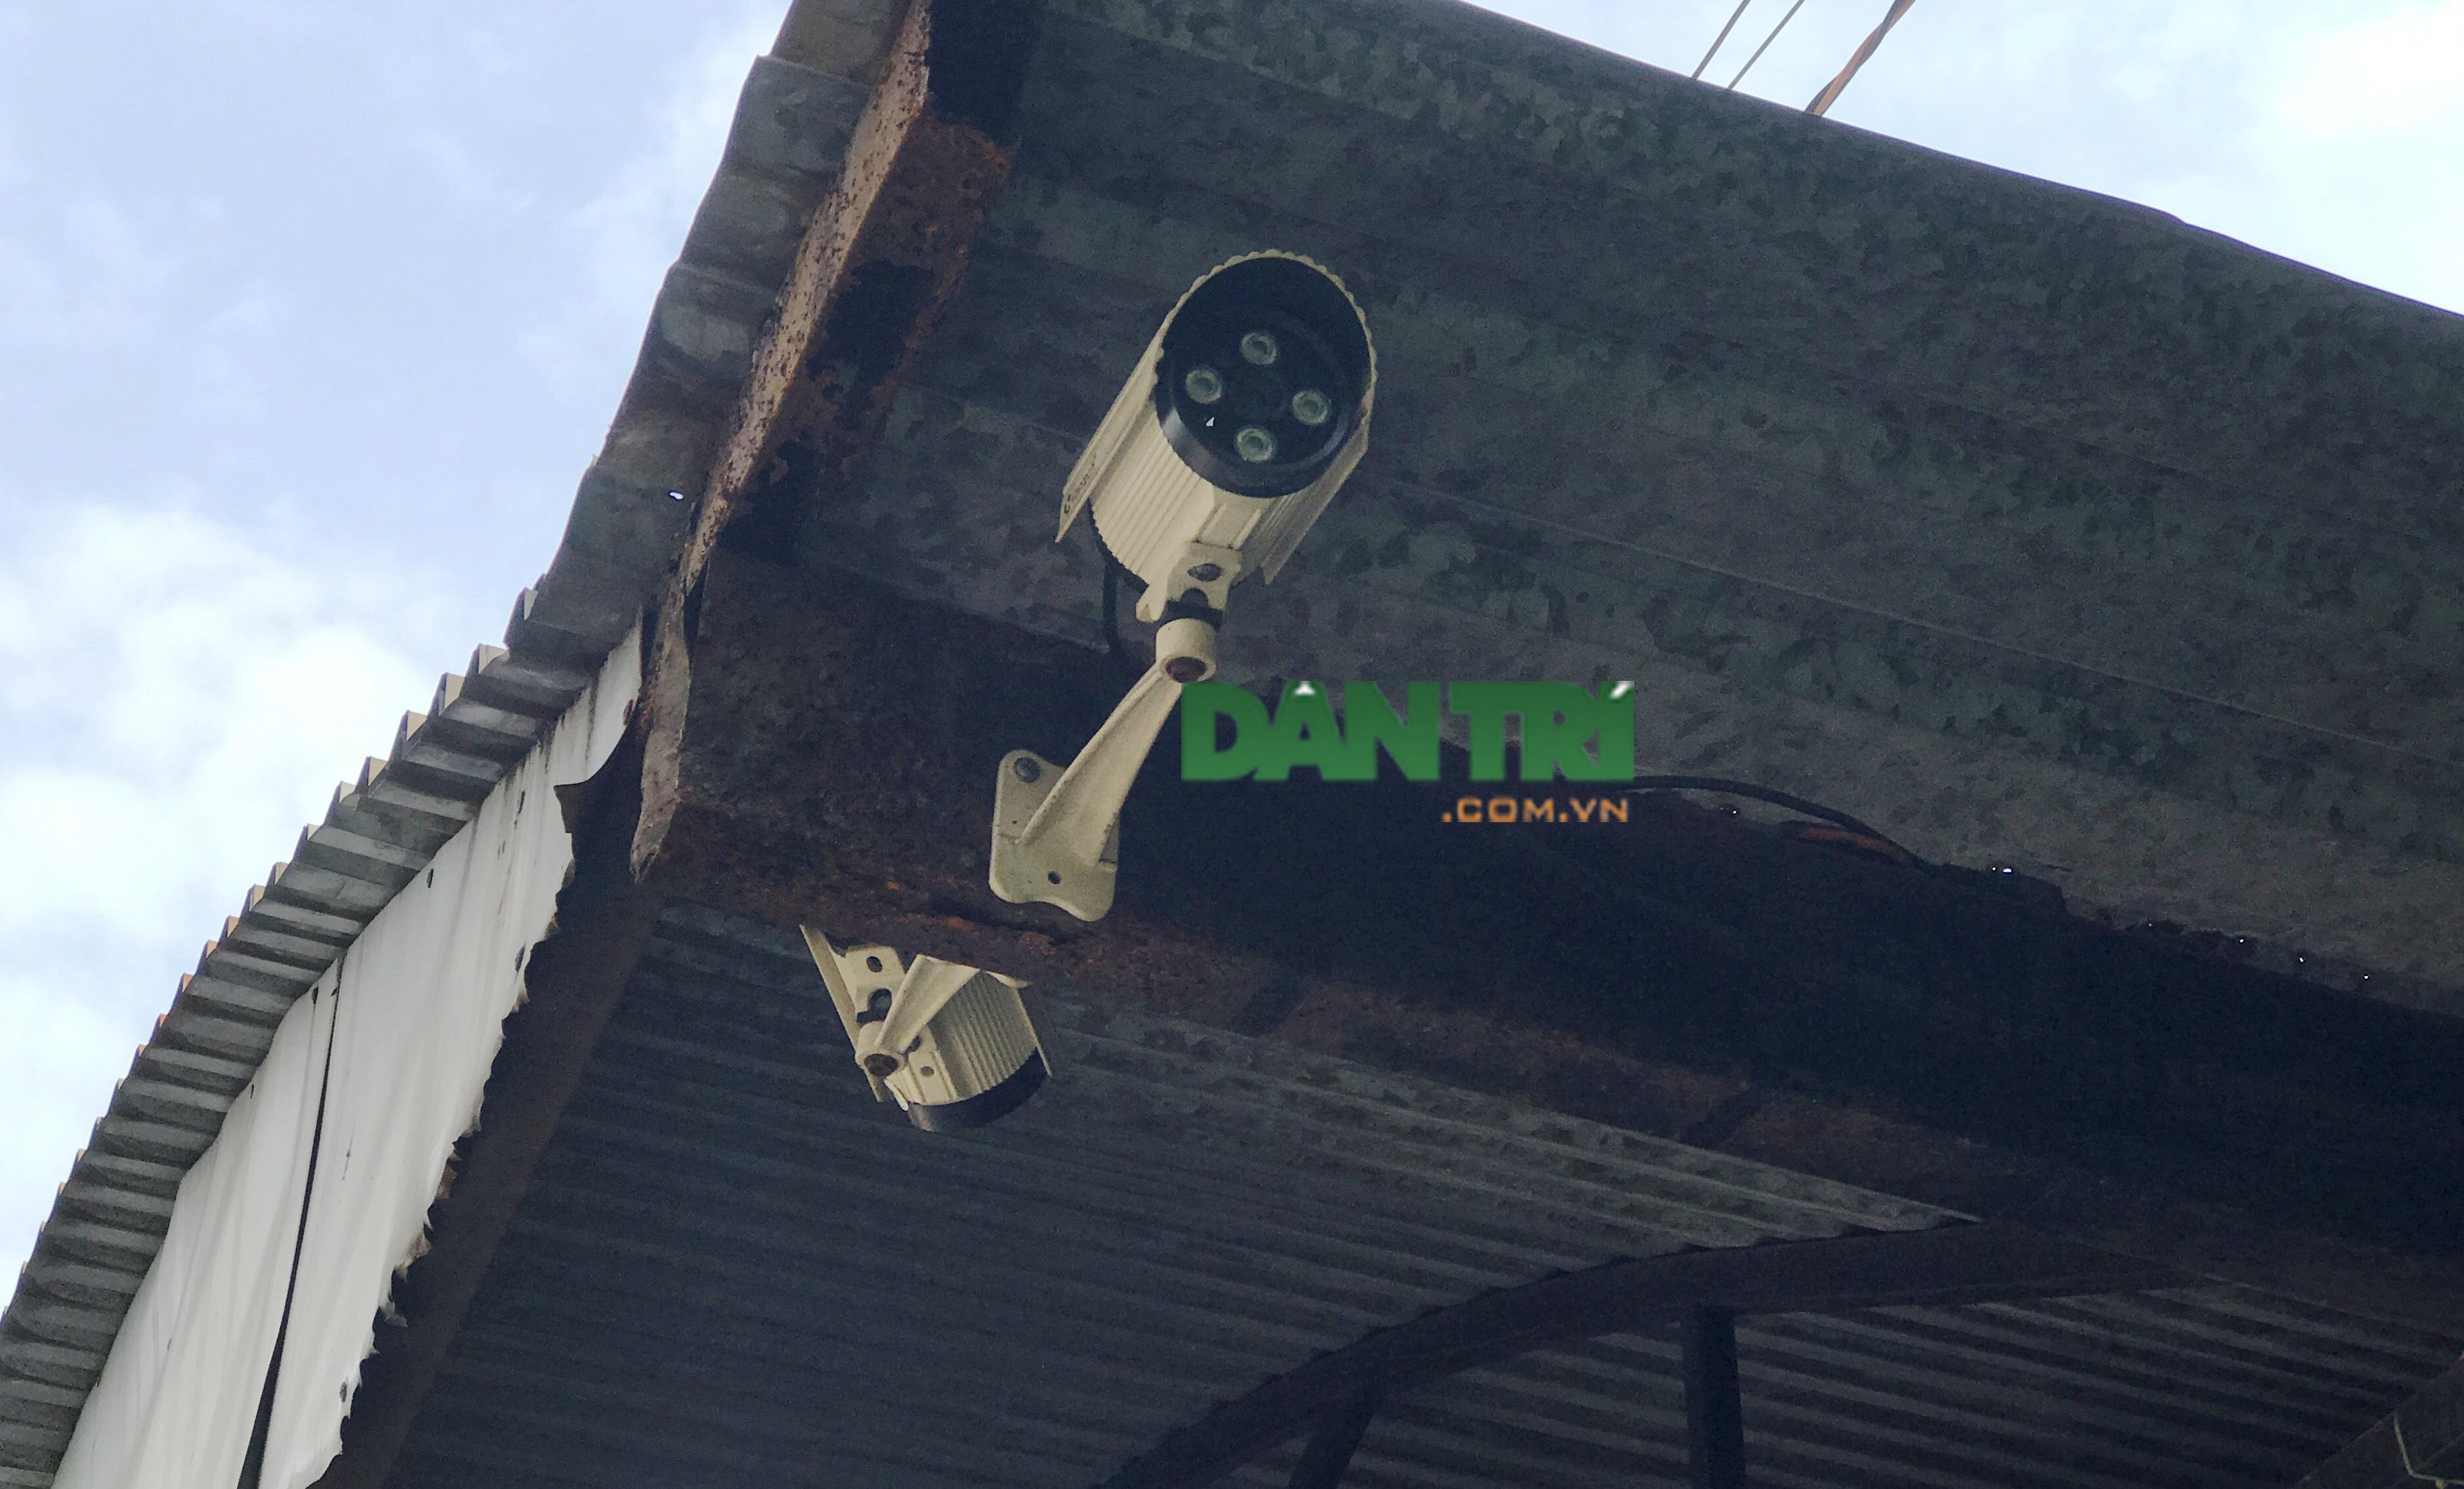 Camera tại khu vực đã ghi lại toàn bộ diễn biến bà Điệp bỏ chất lạ nghi thuốc diệt chuột vào nồi bún riêu bán cho khách của chị Tuyết.